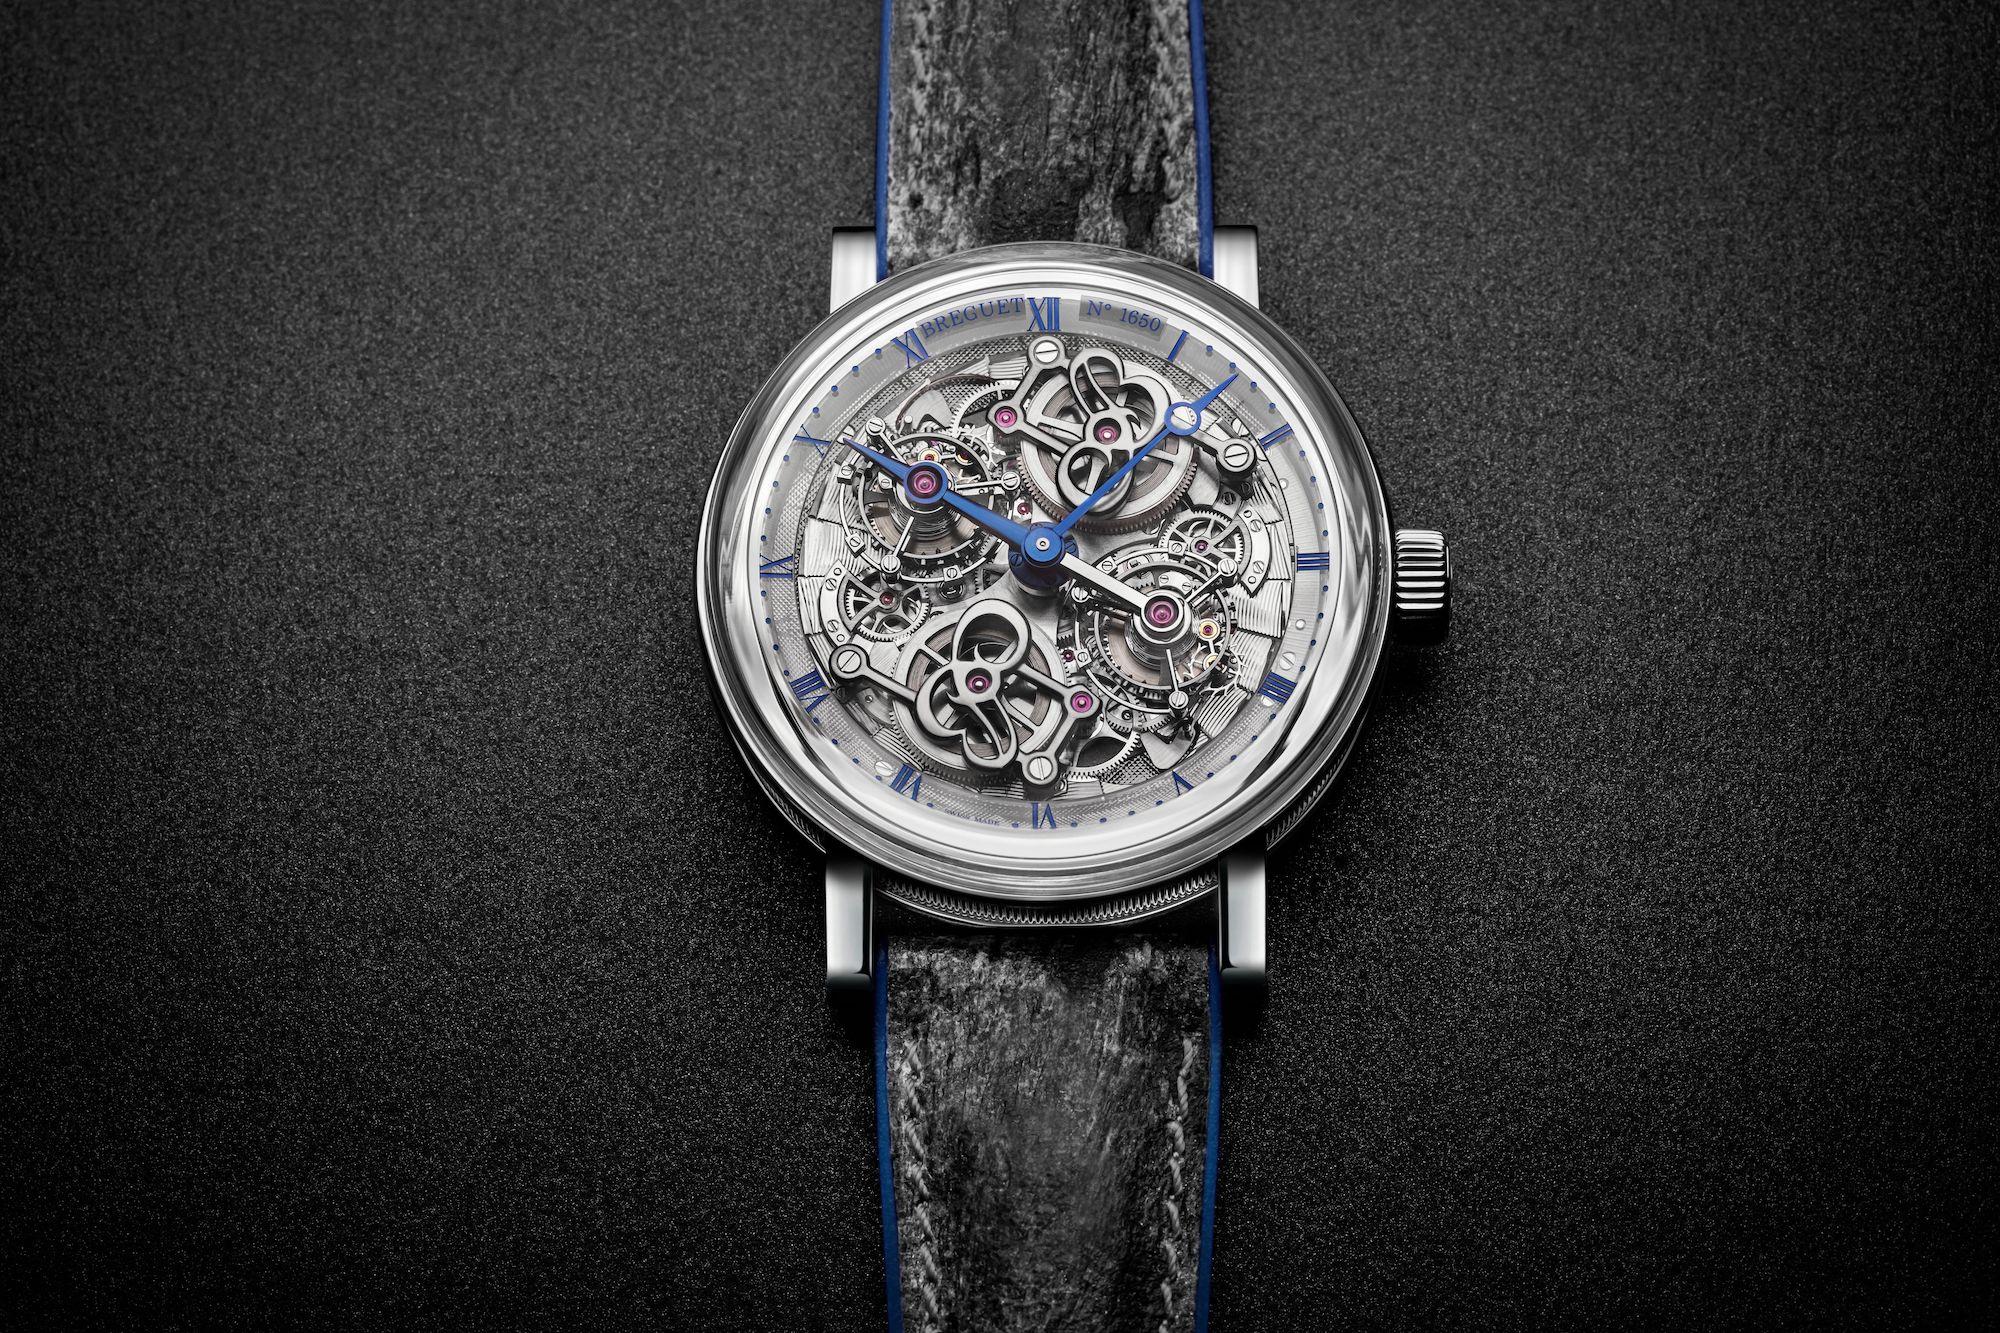 Breguet Classique Double Tourbillon Quai de l'Horloge 5345 lifestyle